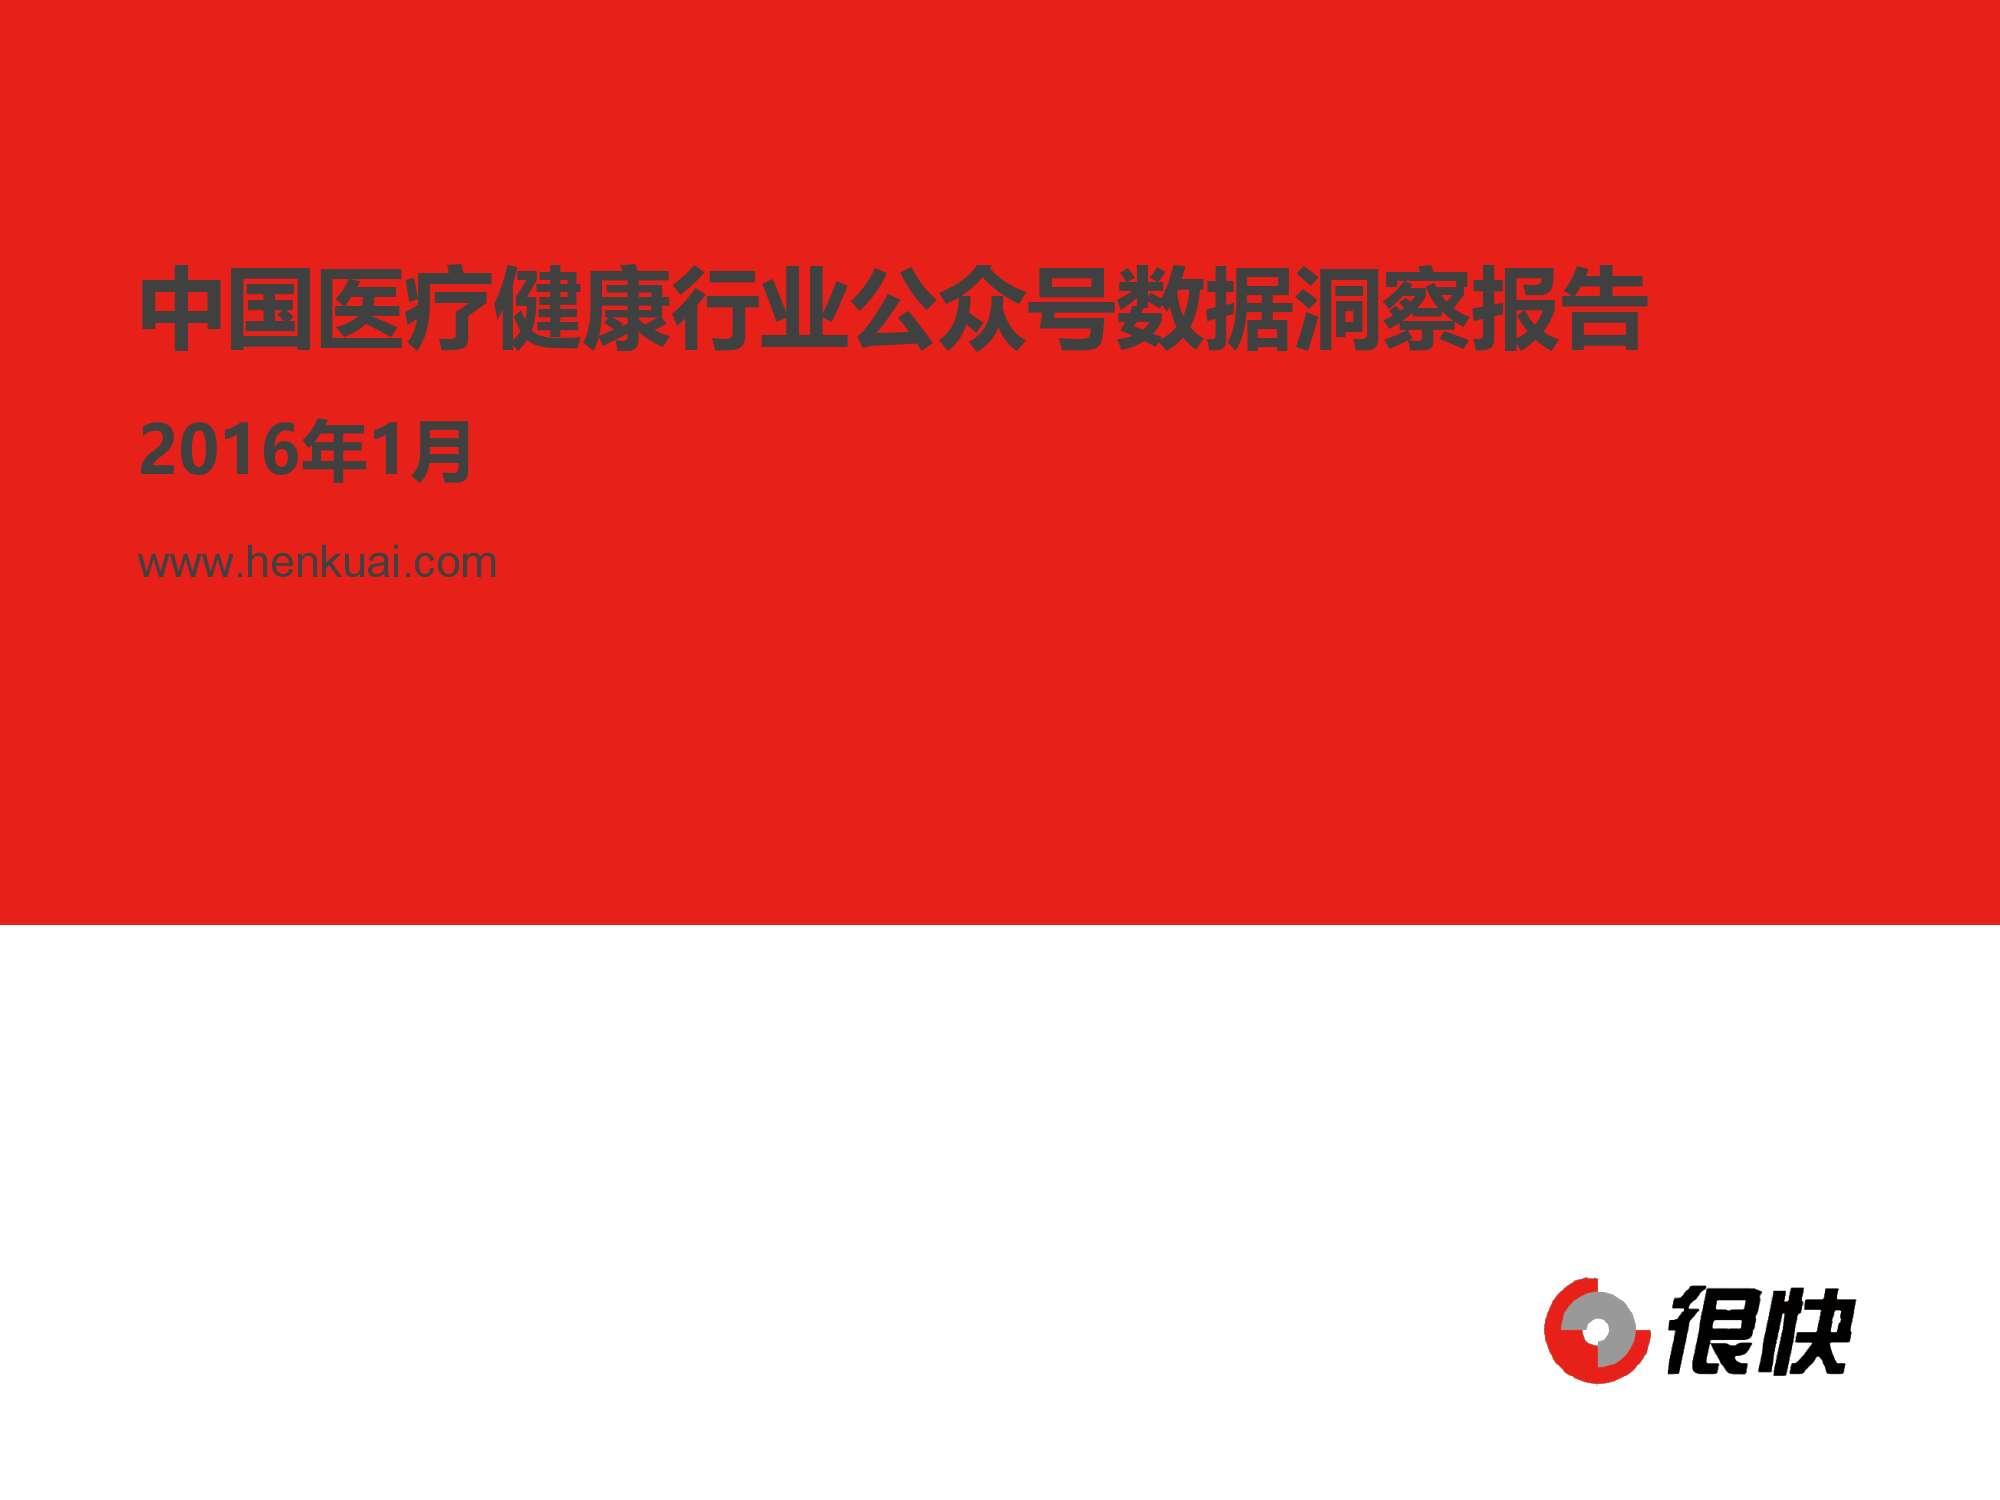 Henkuai-中国医疗健康行业公众号数据洞察报告-20160115_000001